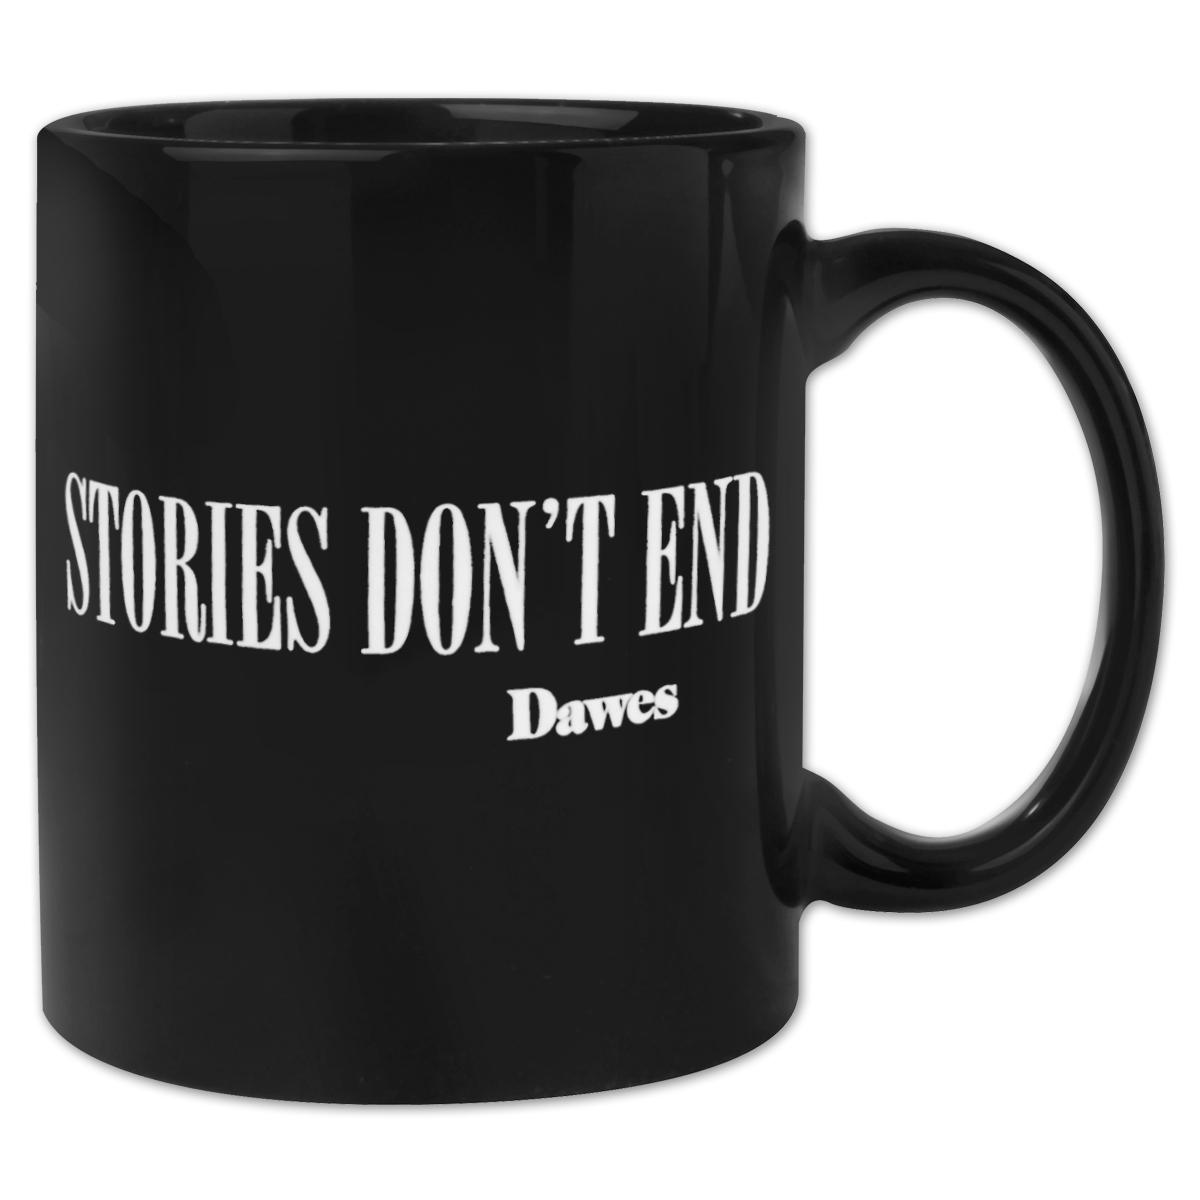 """Dawes """"Stories Don't End"""" Black Mug"""